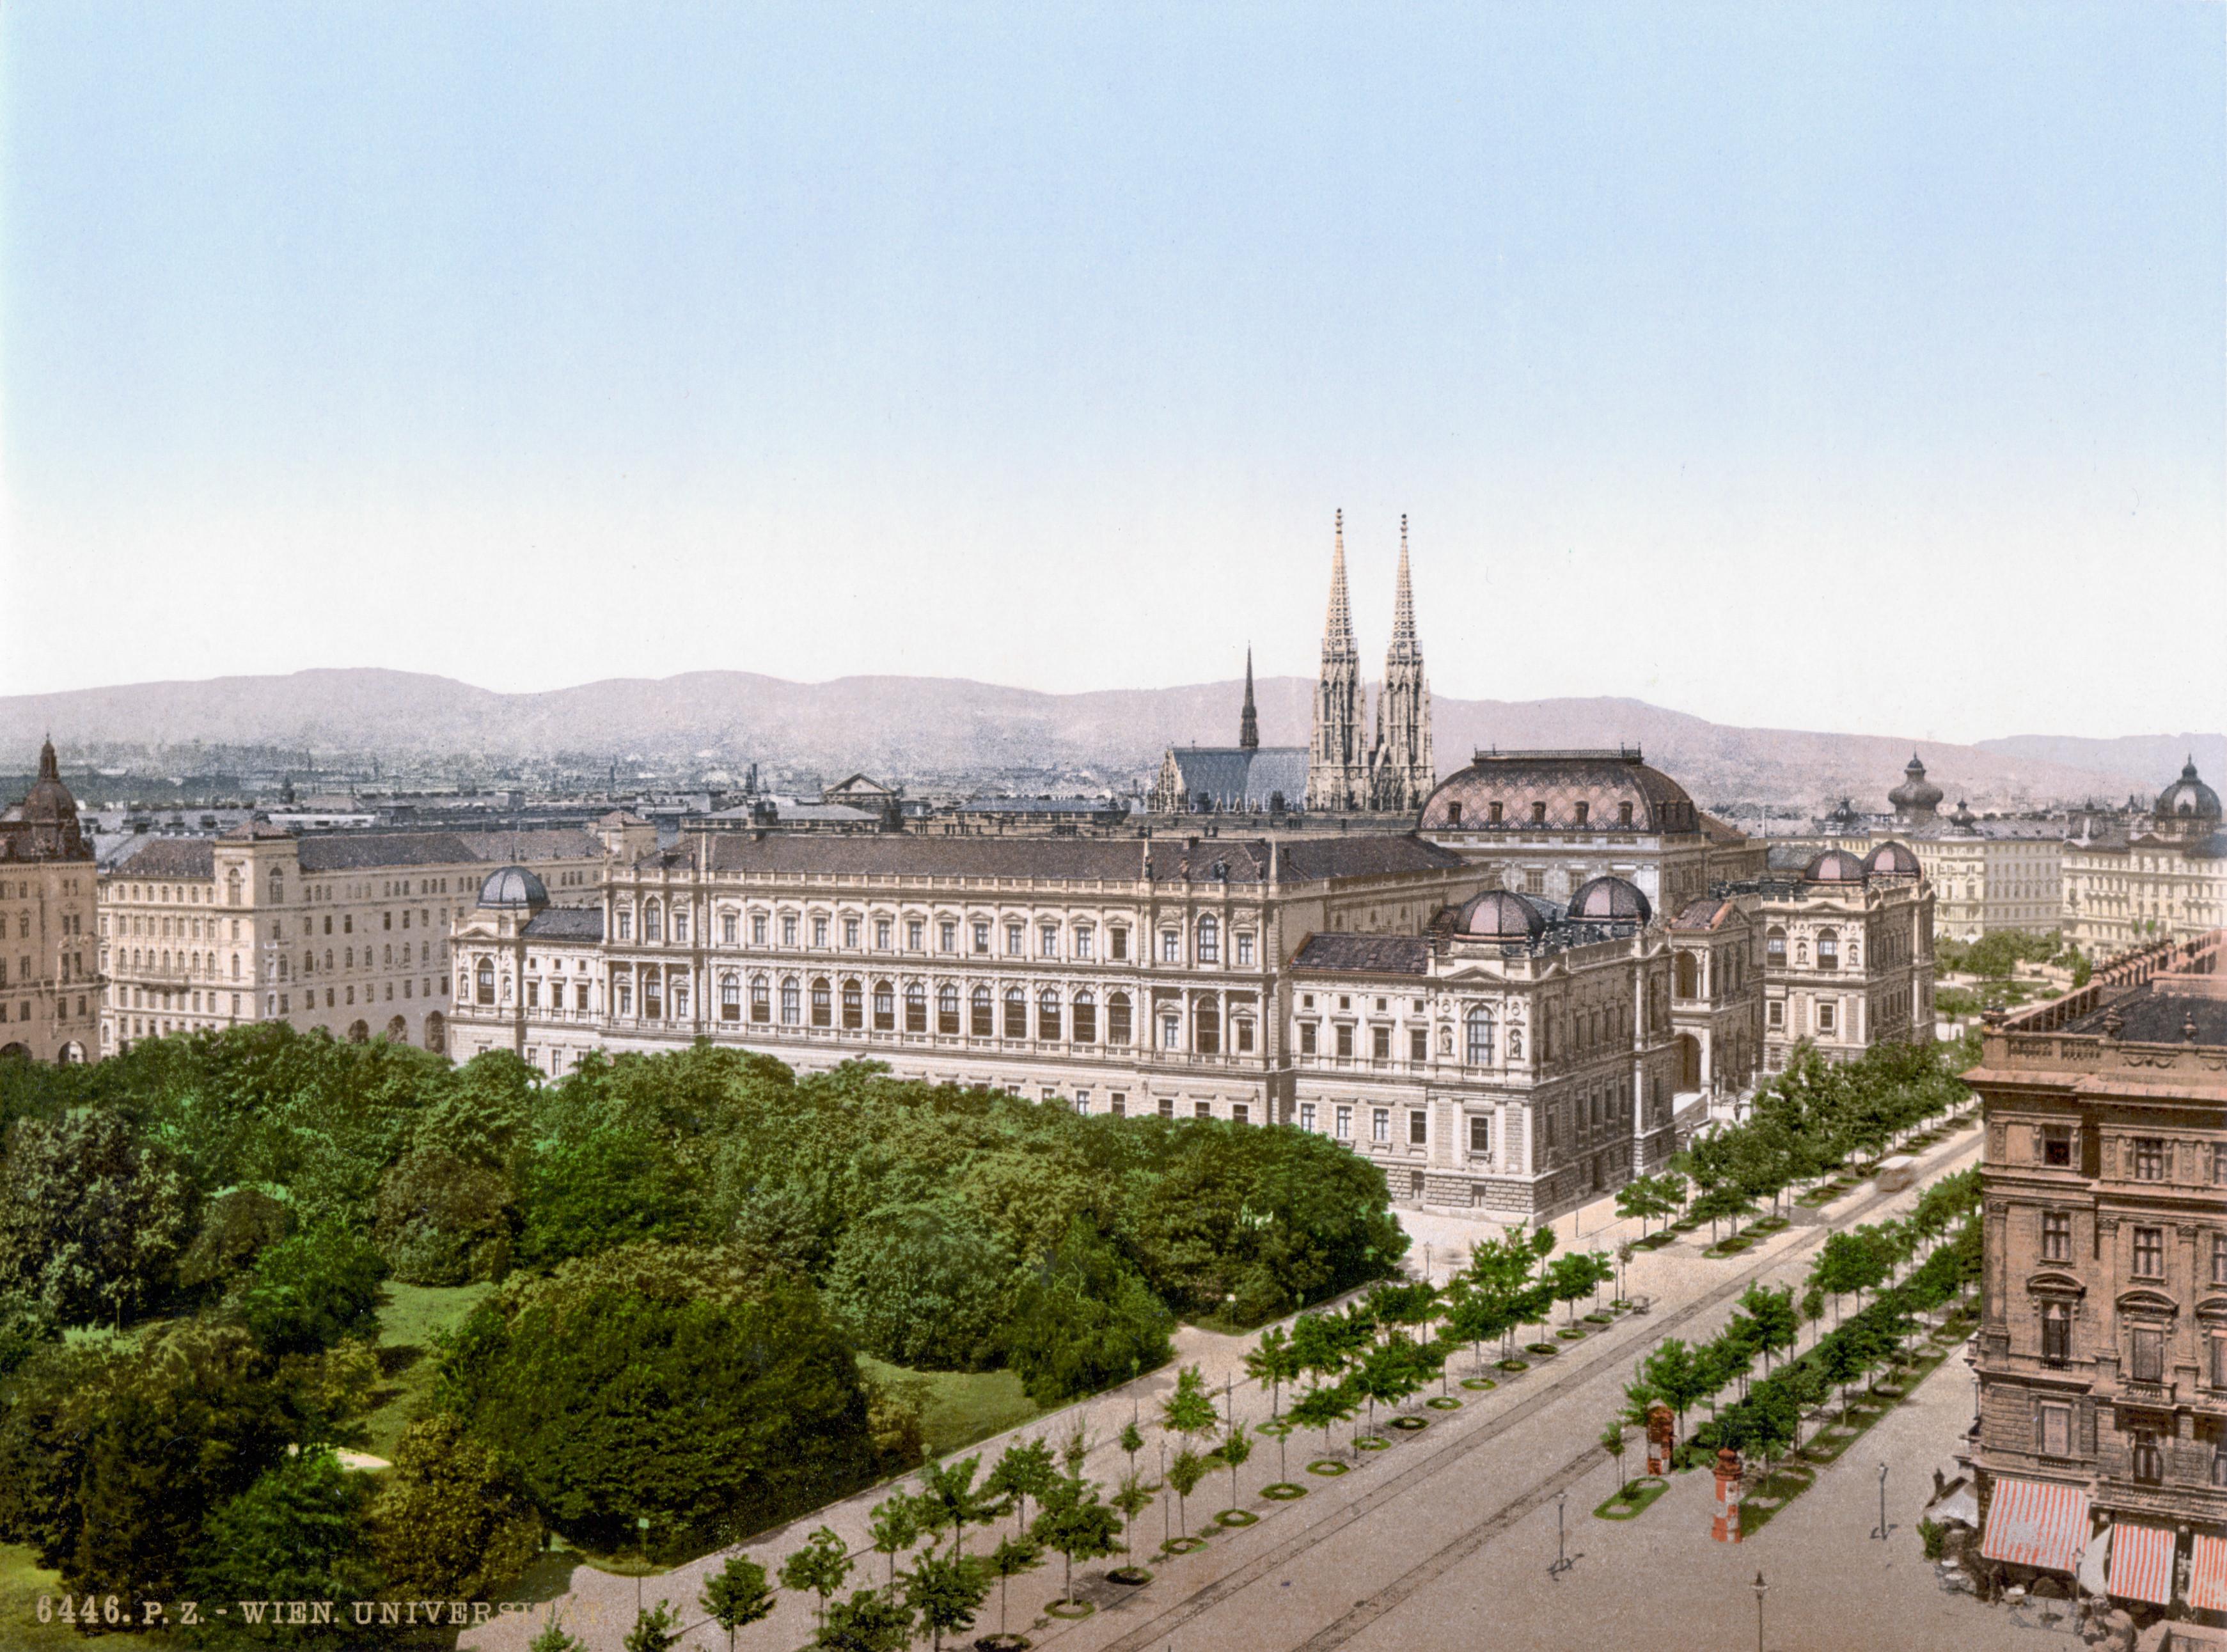 Universität Wien   Jan Olof Bengtsson